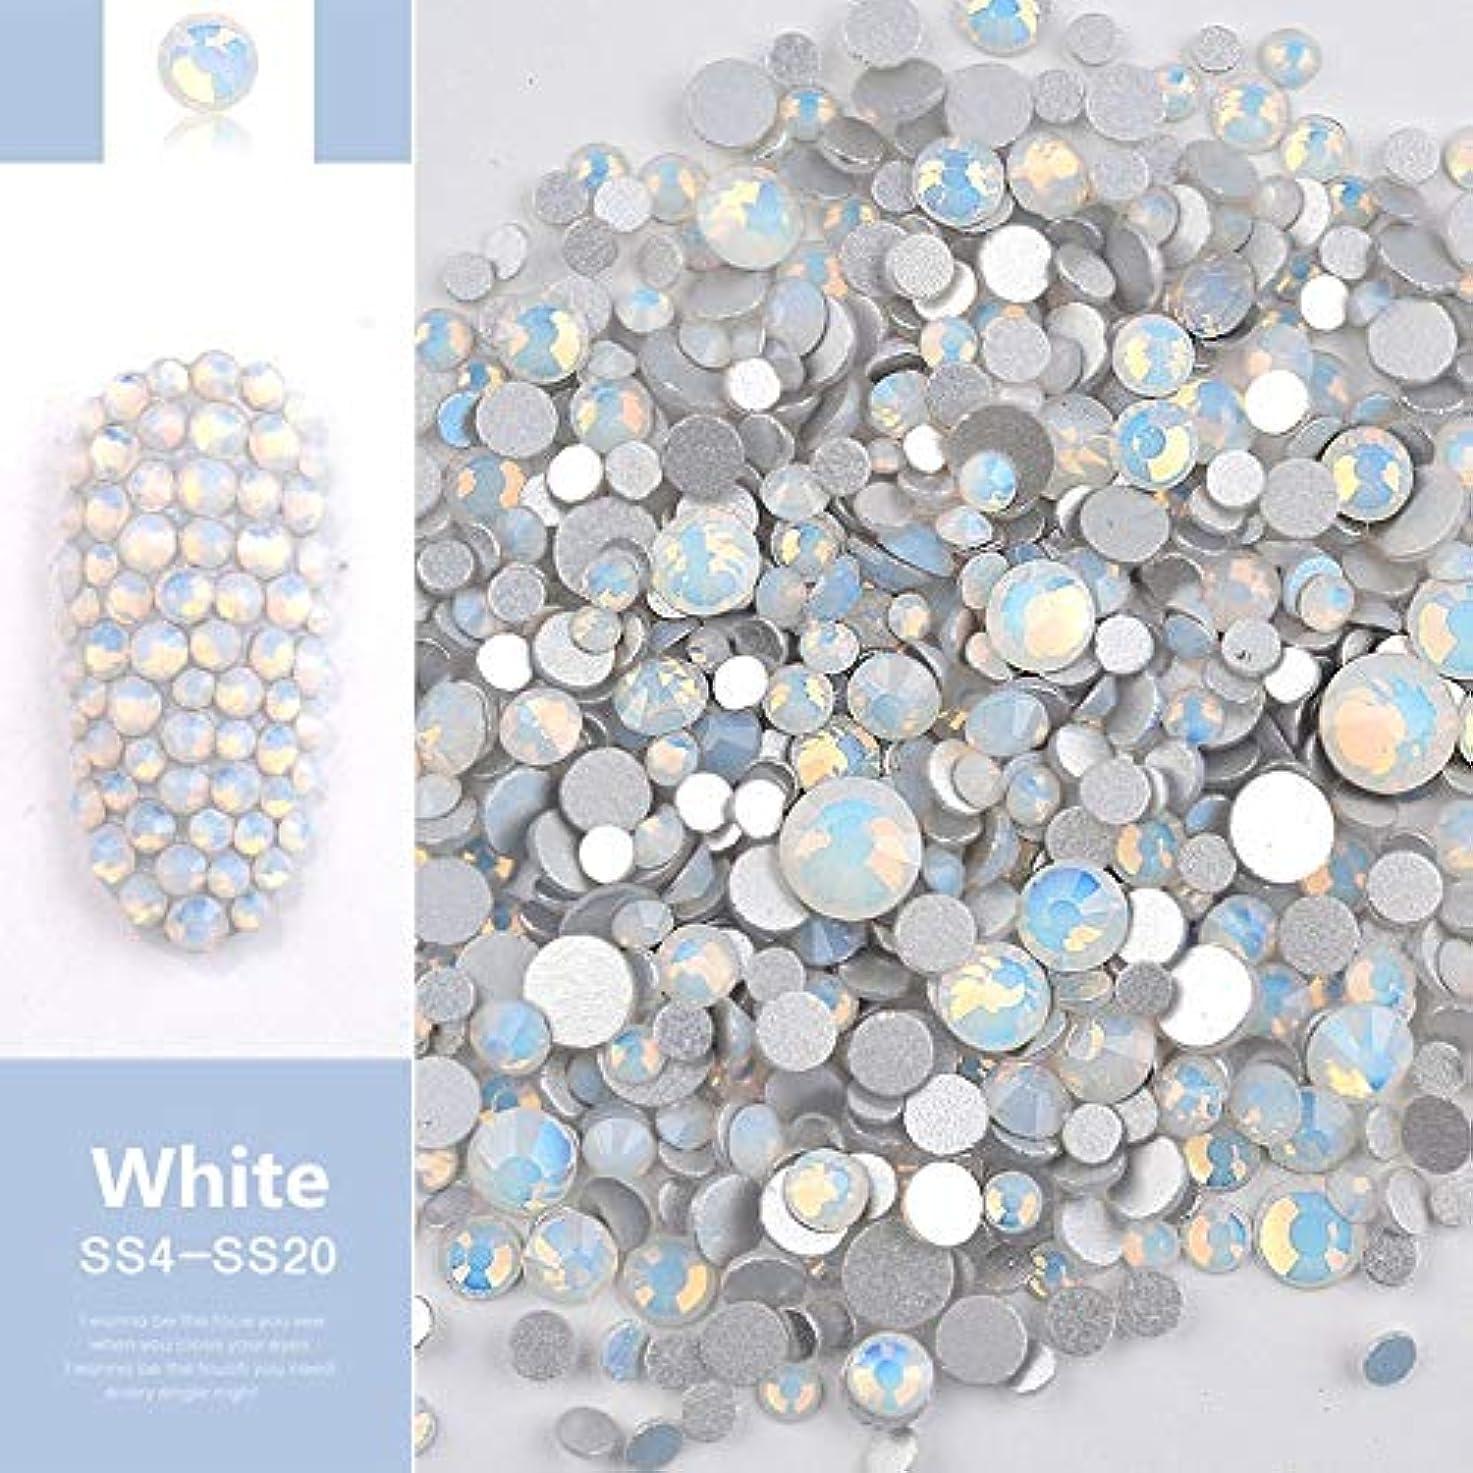 Jiaoran ビーズ樹脂クリスタルラウンドネイルアートミックスフラットバックアクリルラインストーンミックスサイズ1.5-4.5 mm装飾用ネイル (Color : White)